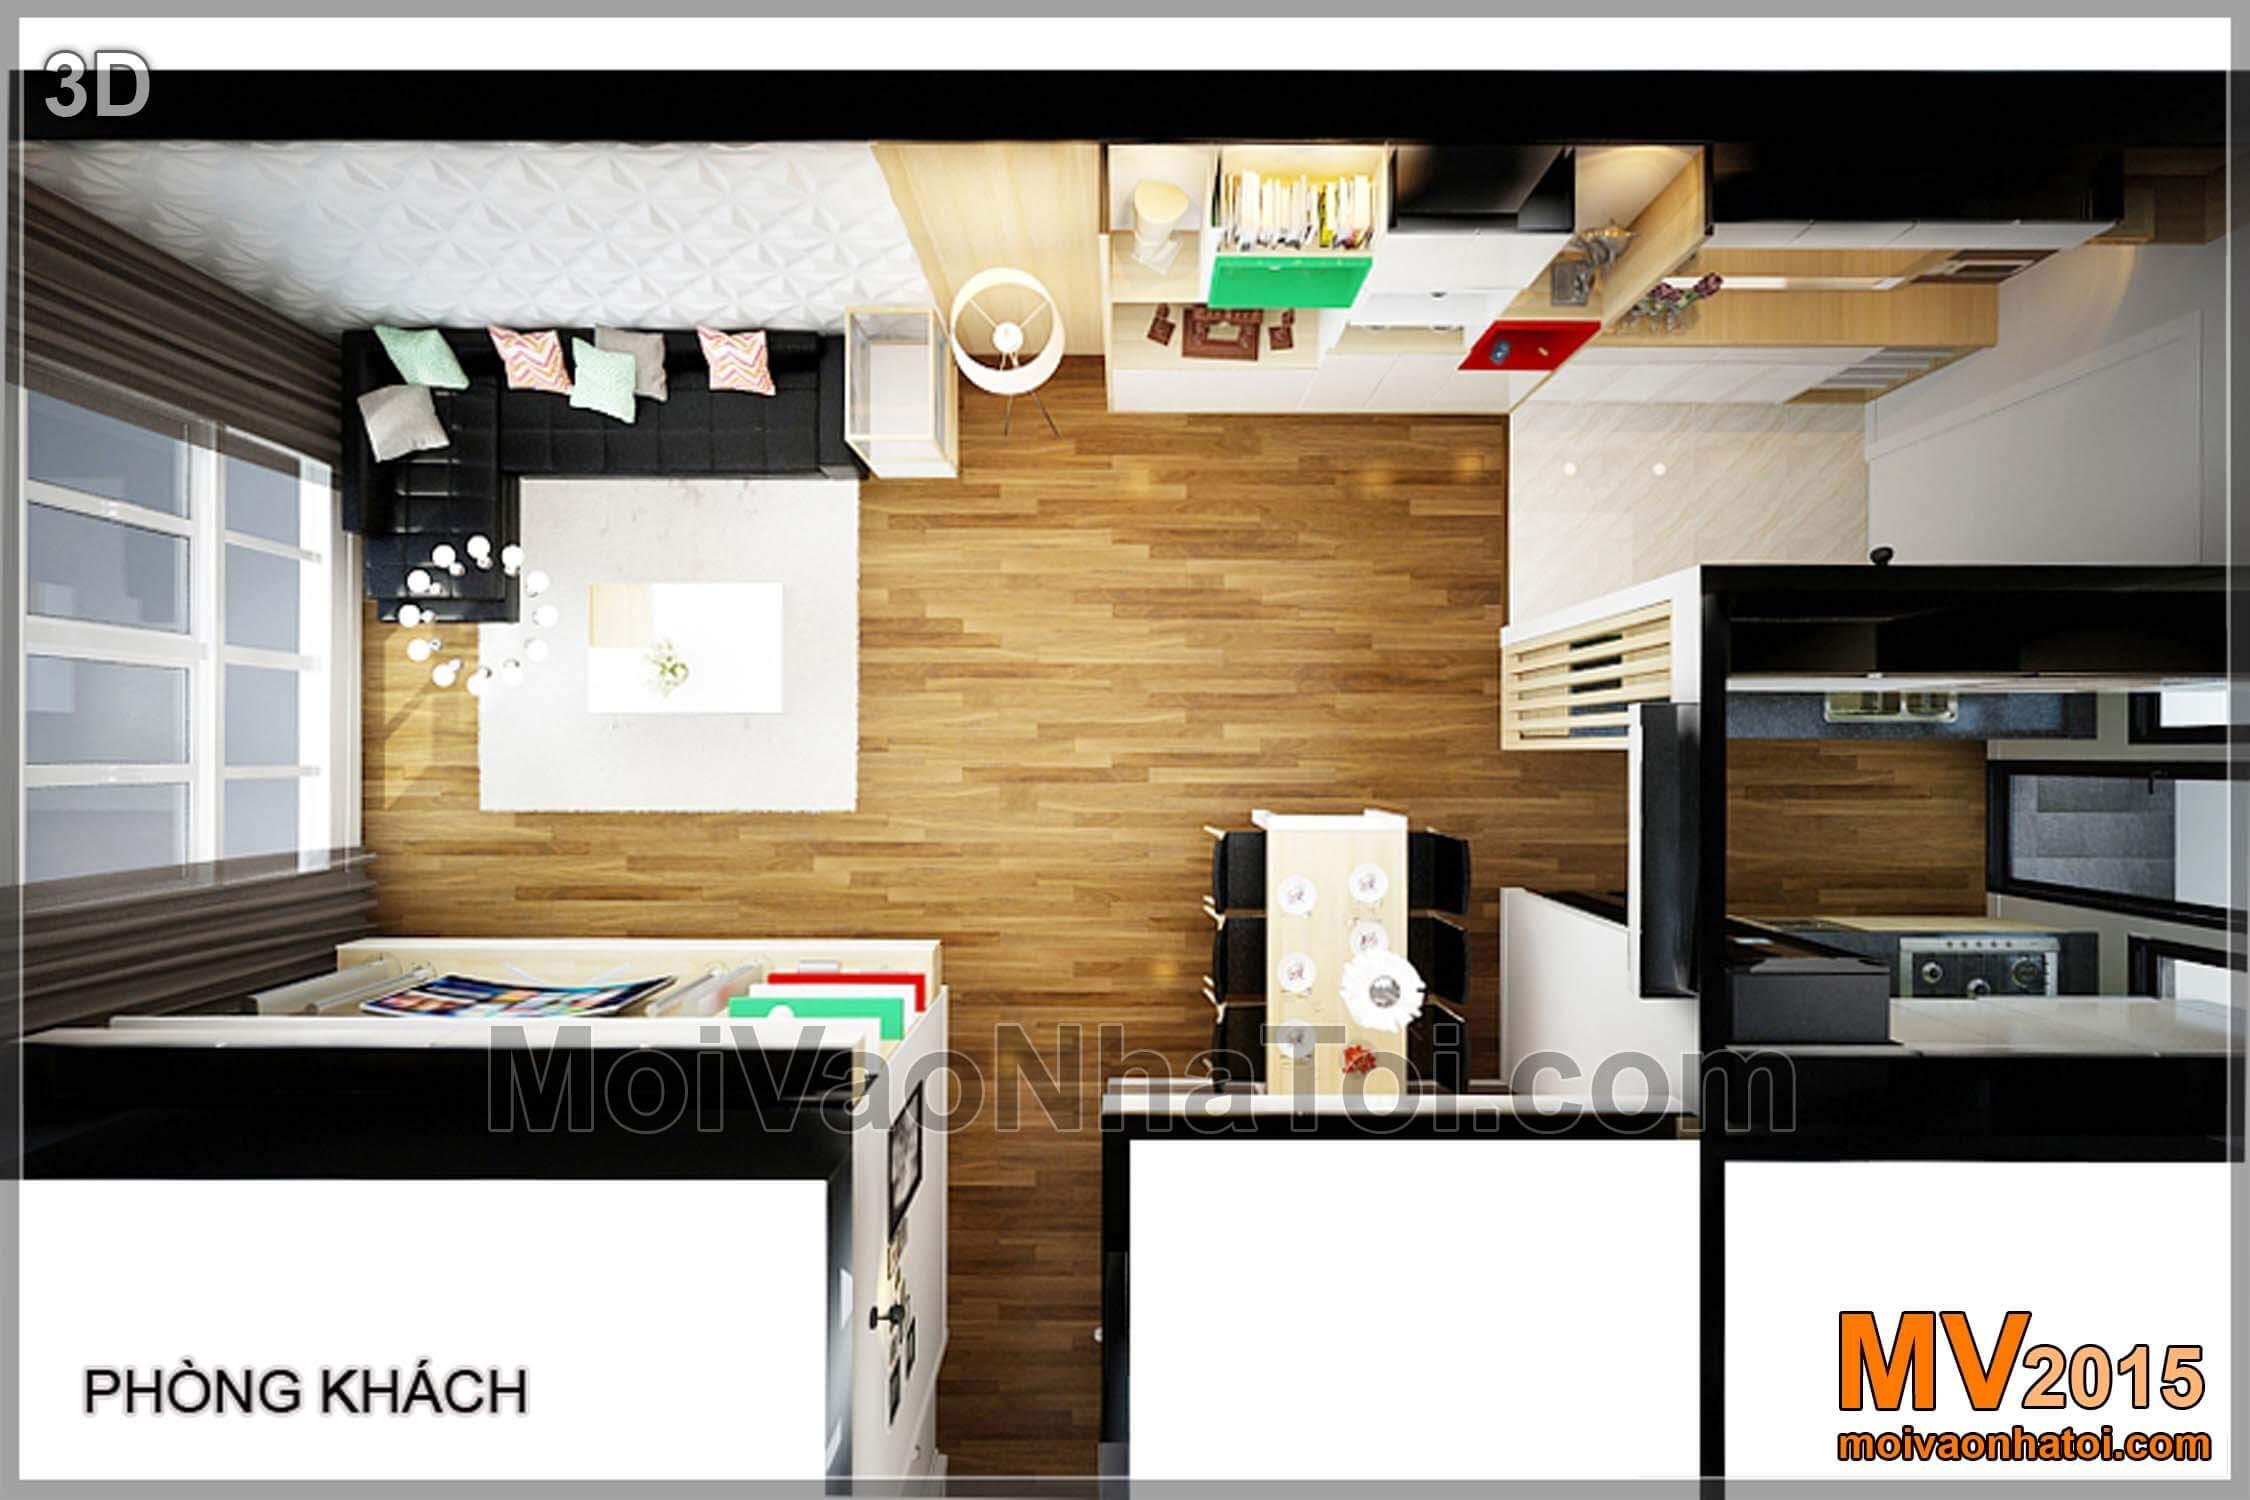 Mặt bằng 3D phòng khách, bếp